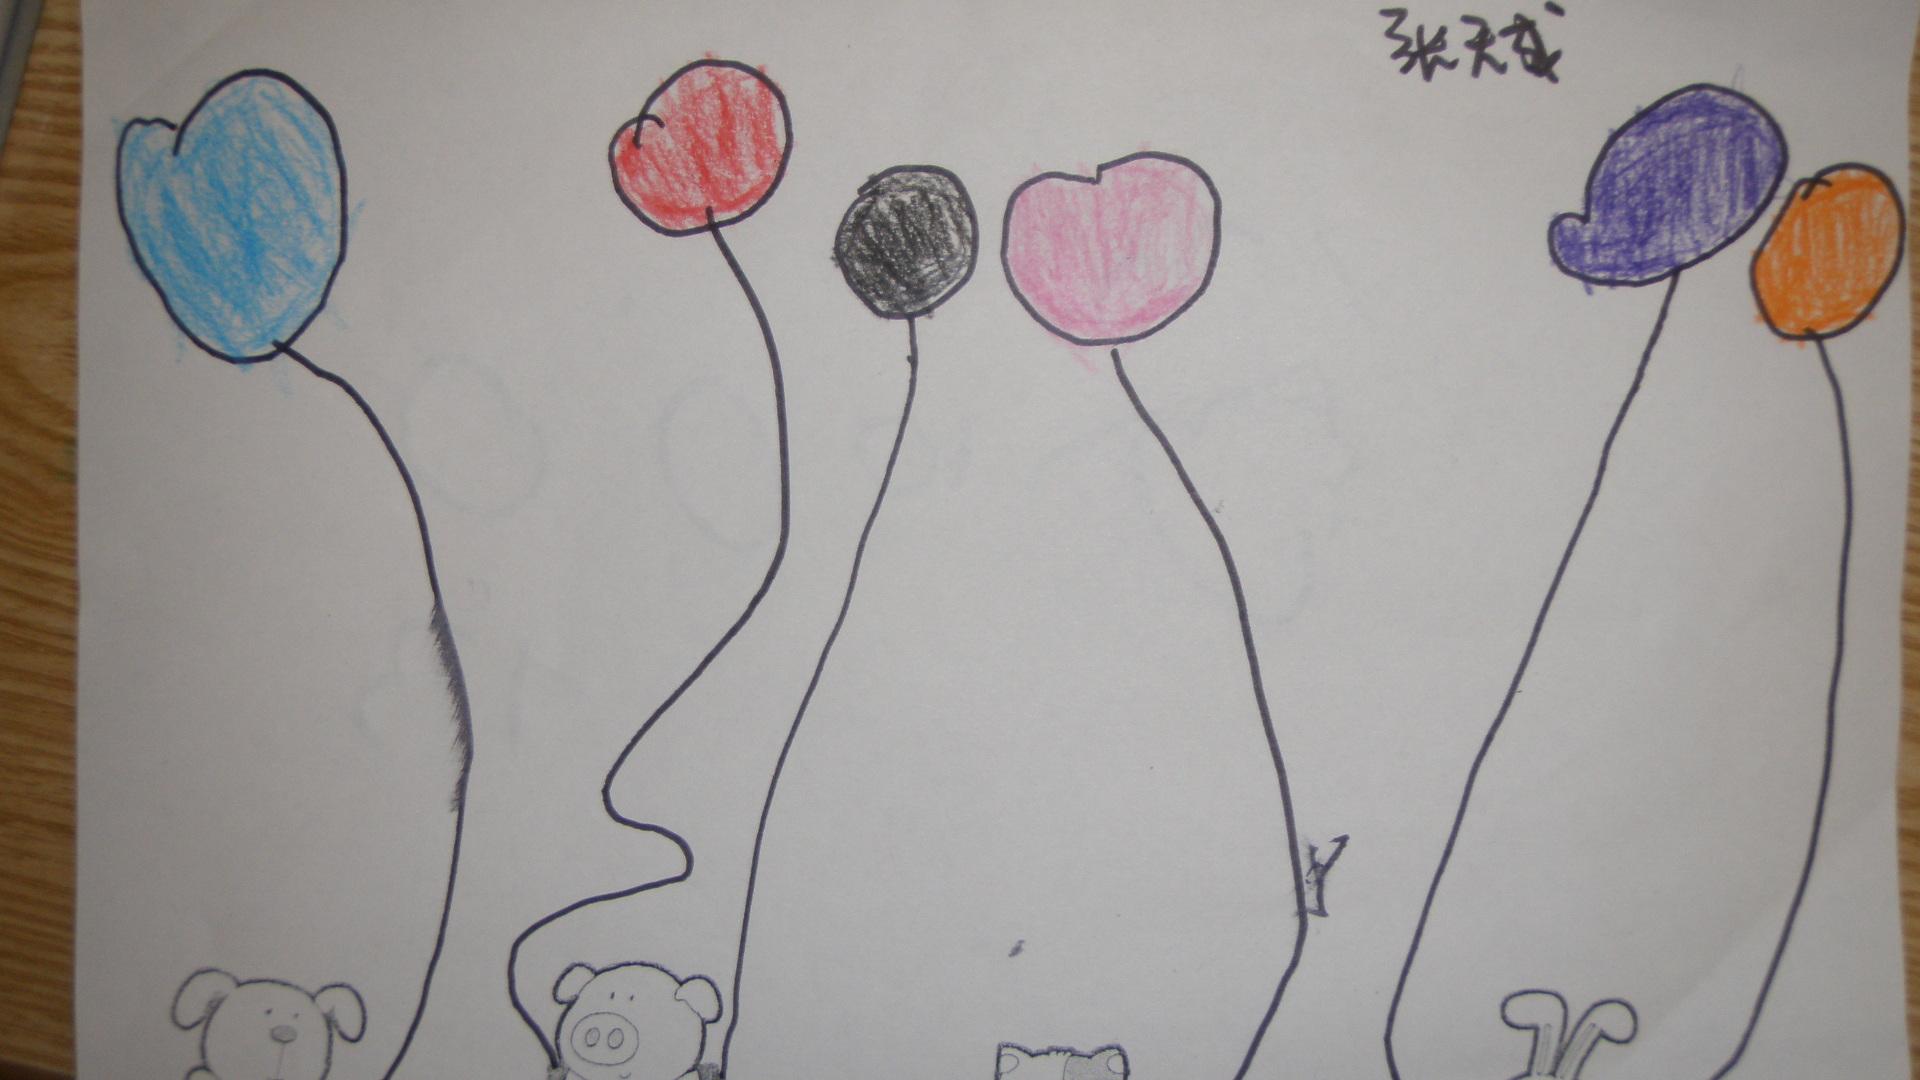 弟弟给小动物们送了好多的汽球,有自己的构图想法,你真厉害,圆也画的